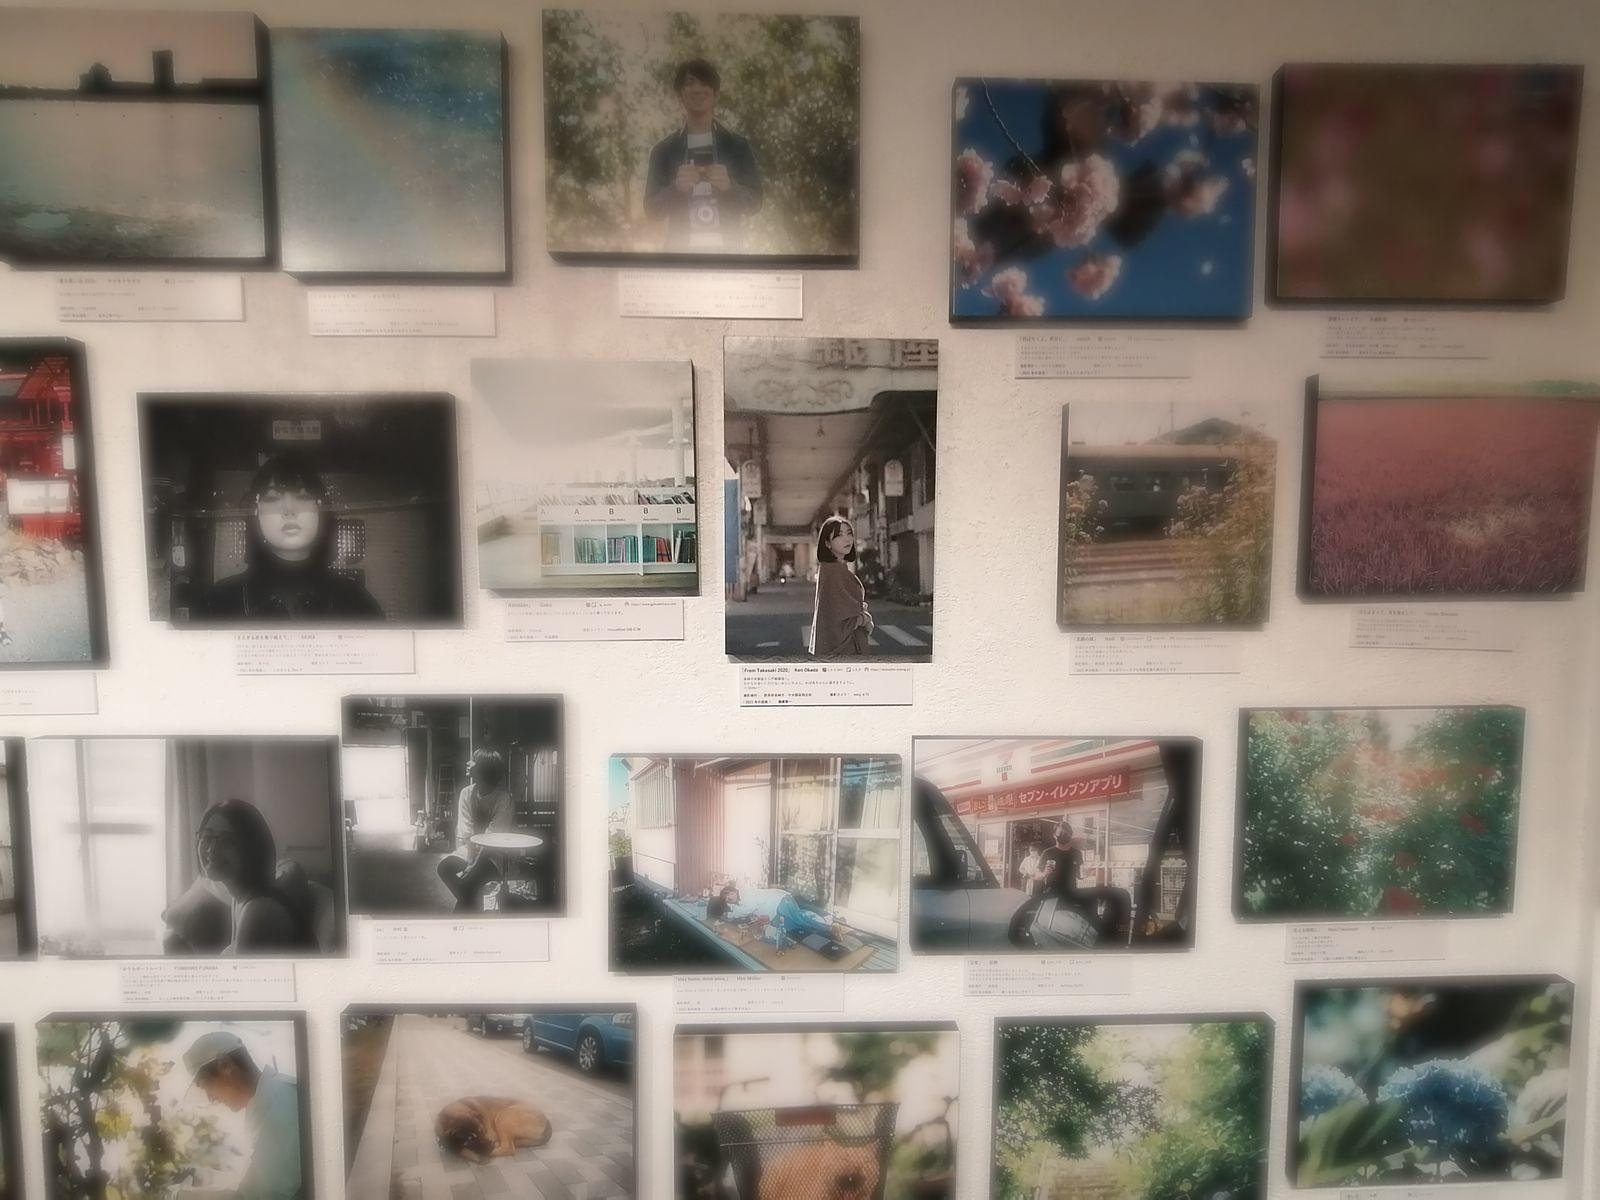 フォトカノン戸越銀座店 写真展「PHOTO2020」_d0231029_20045673.jpg